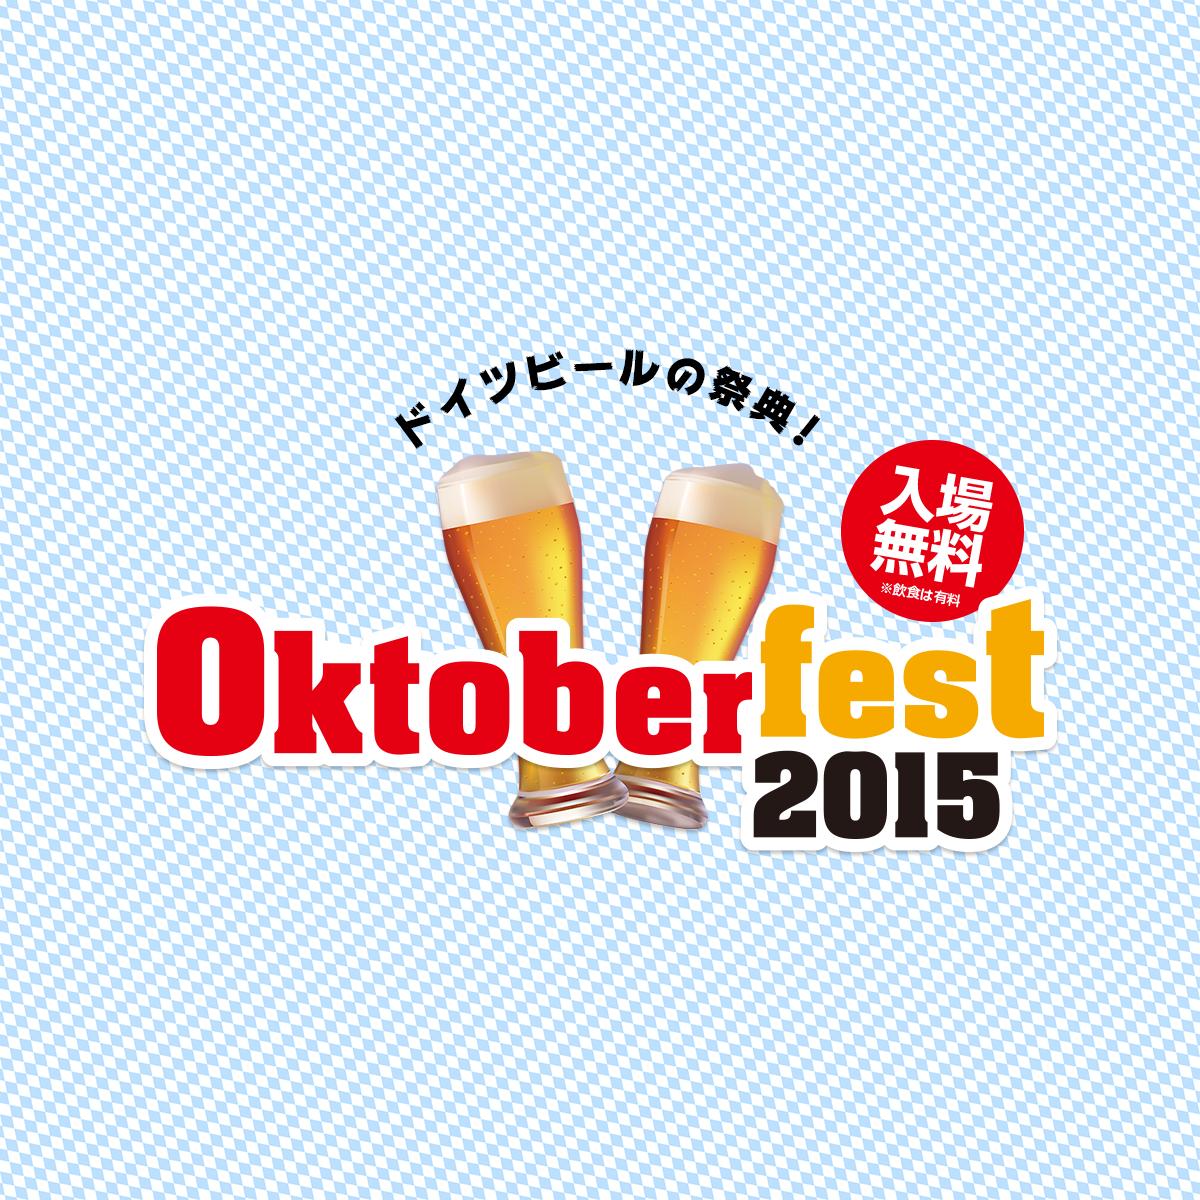 OKTOBERFEST 2015 日本公式サイト